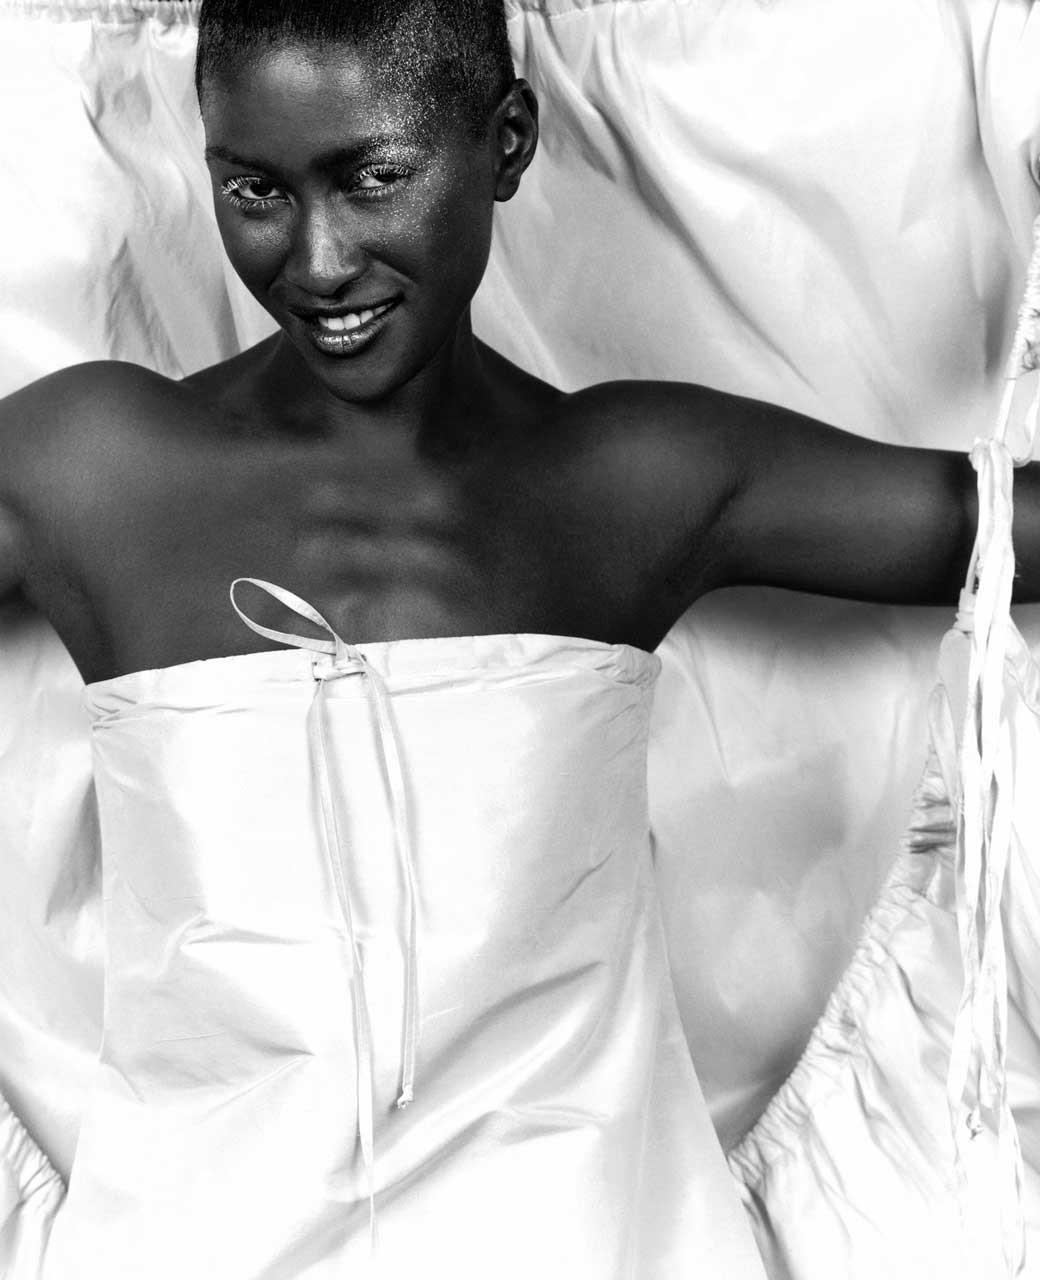 Laure-Maud_fashion-photographer_haute-couture_Jean-Charles-de-Castelbajac_3-copie